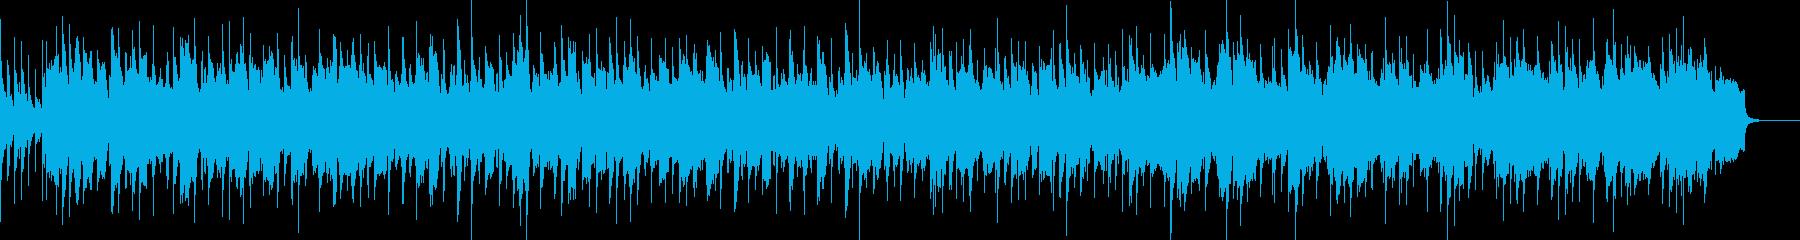 フィドルによるアイリッシュ風お祭り曲の再生済みの波形